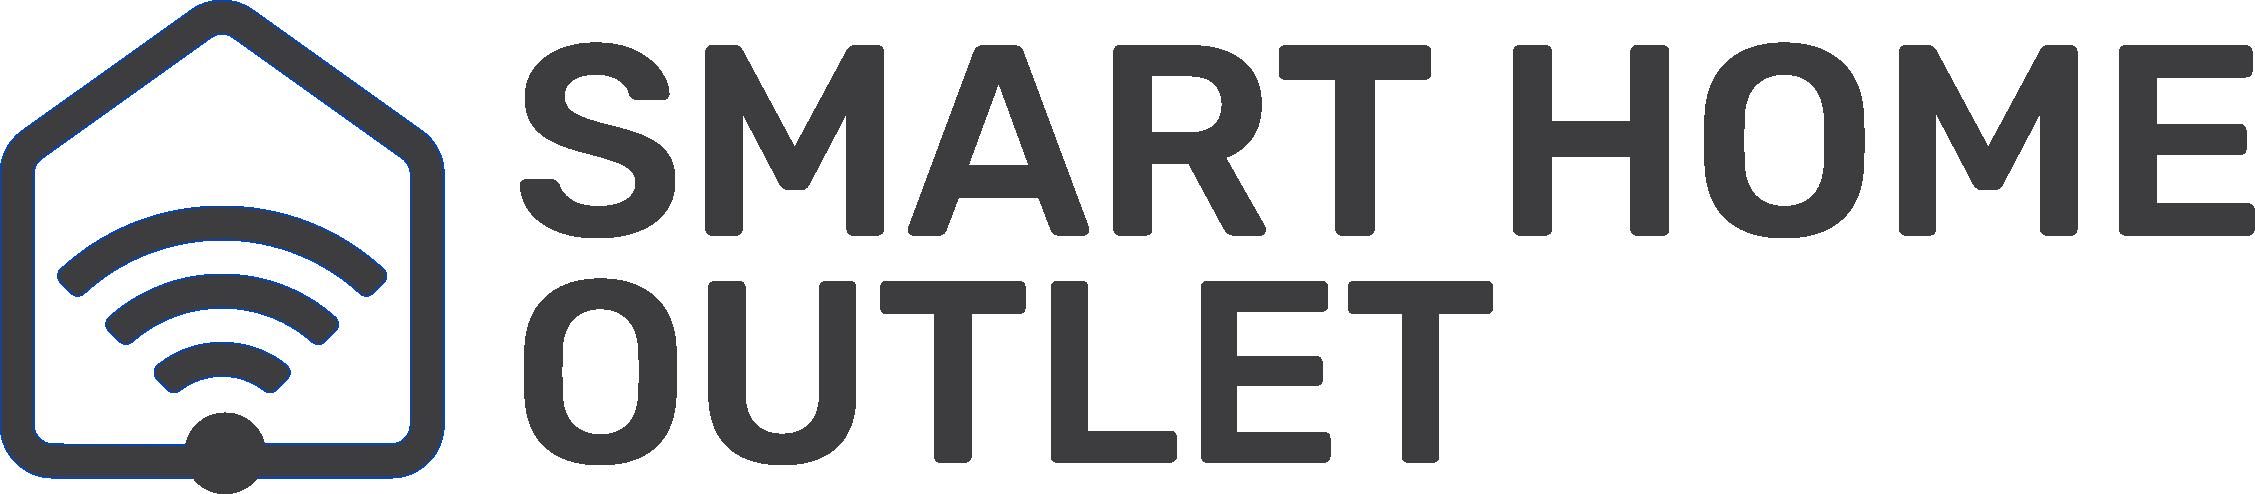 Read Smart Home Outlet Ltd  Reviews